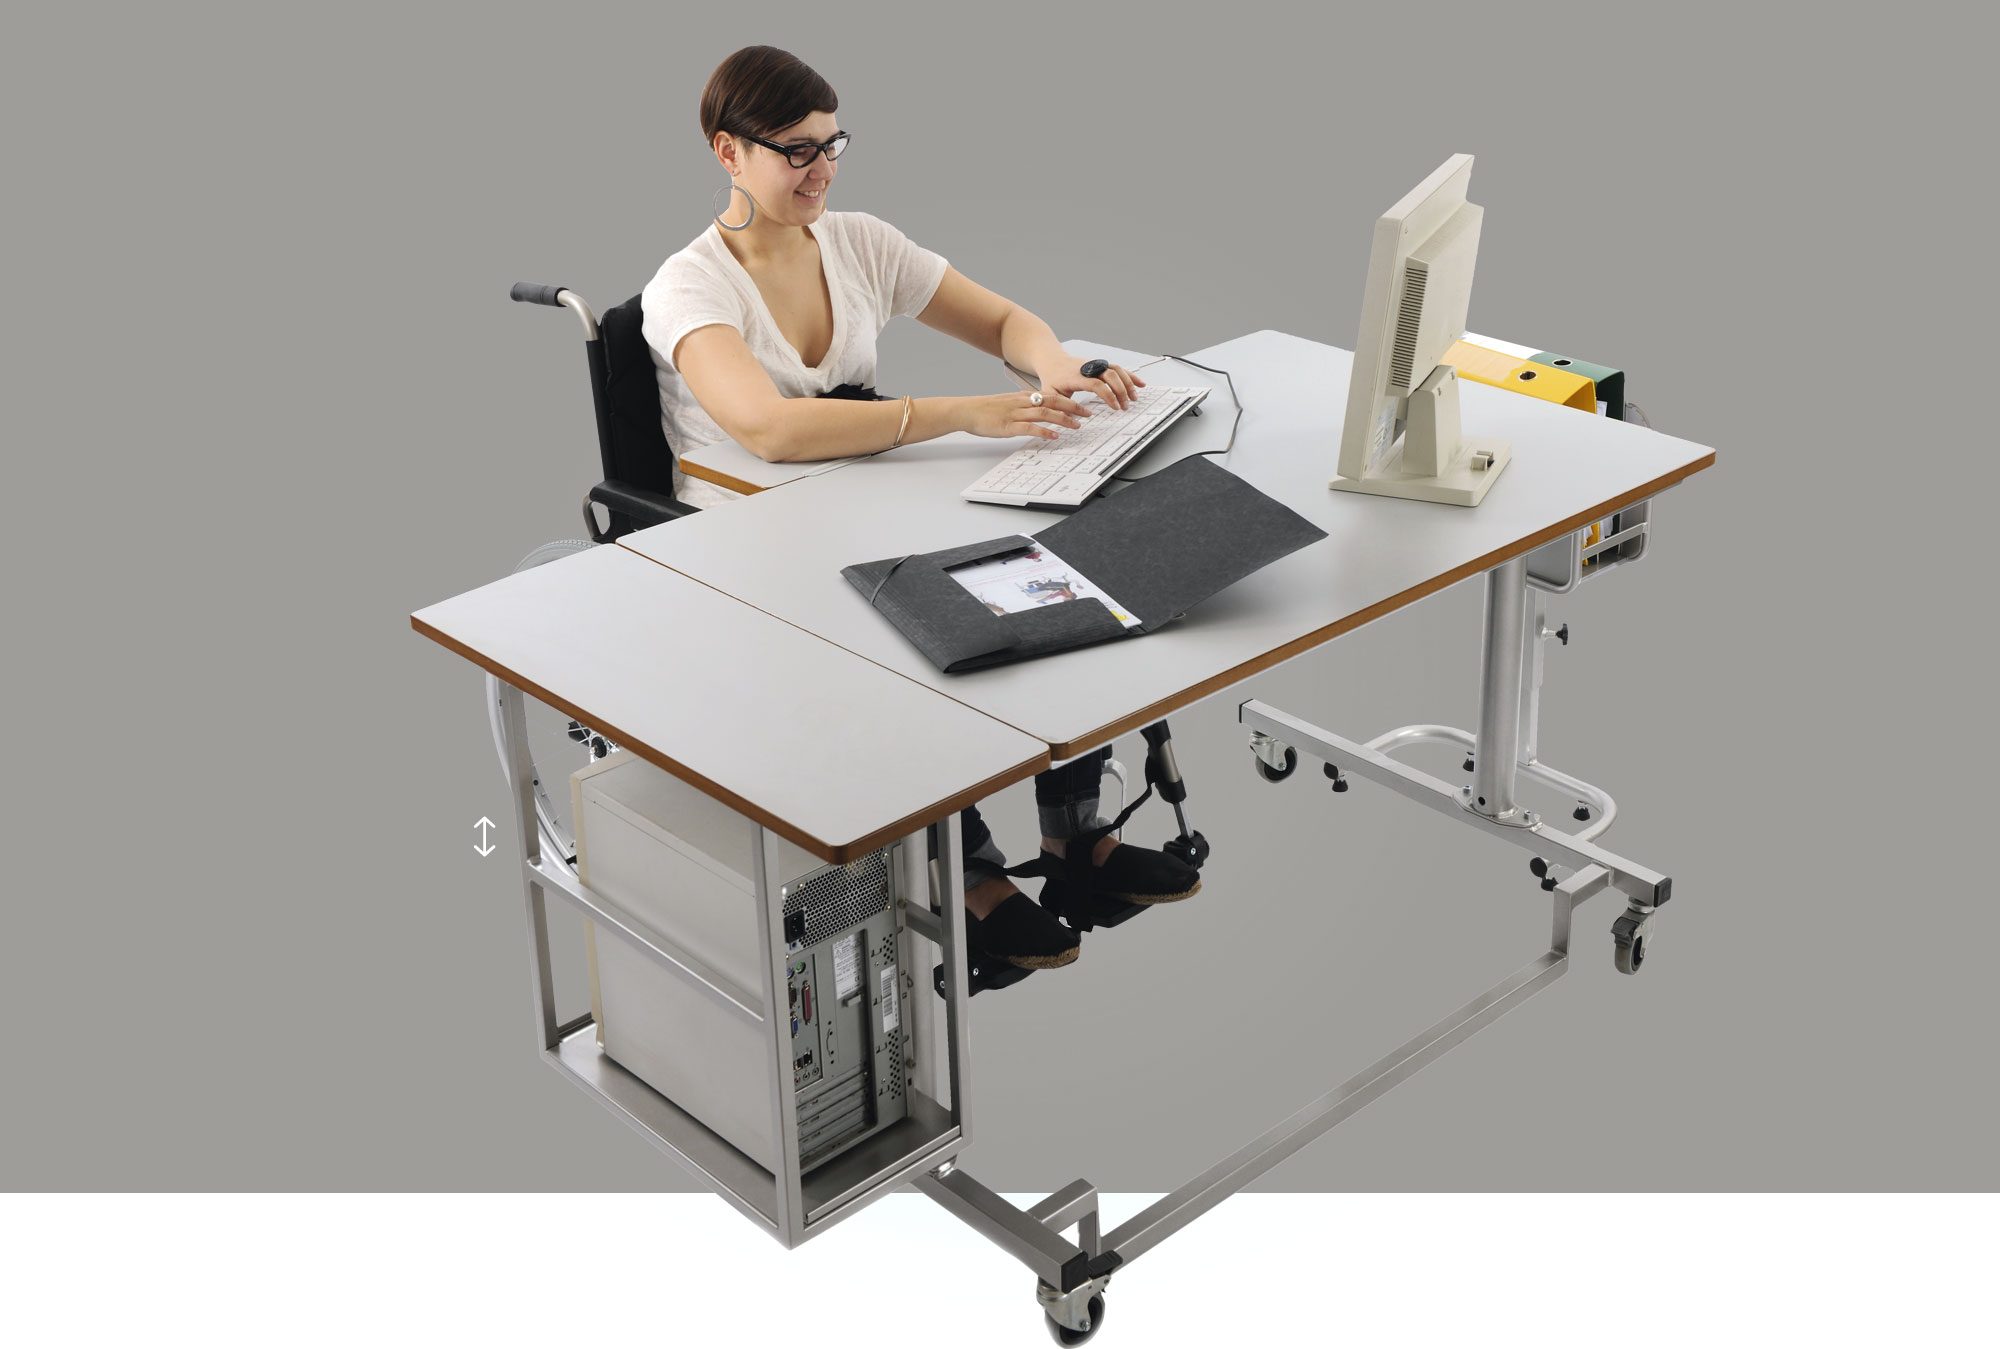 Hephaïstos mobilier adpaté handicap Bureau Apollon table individuelle